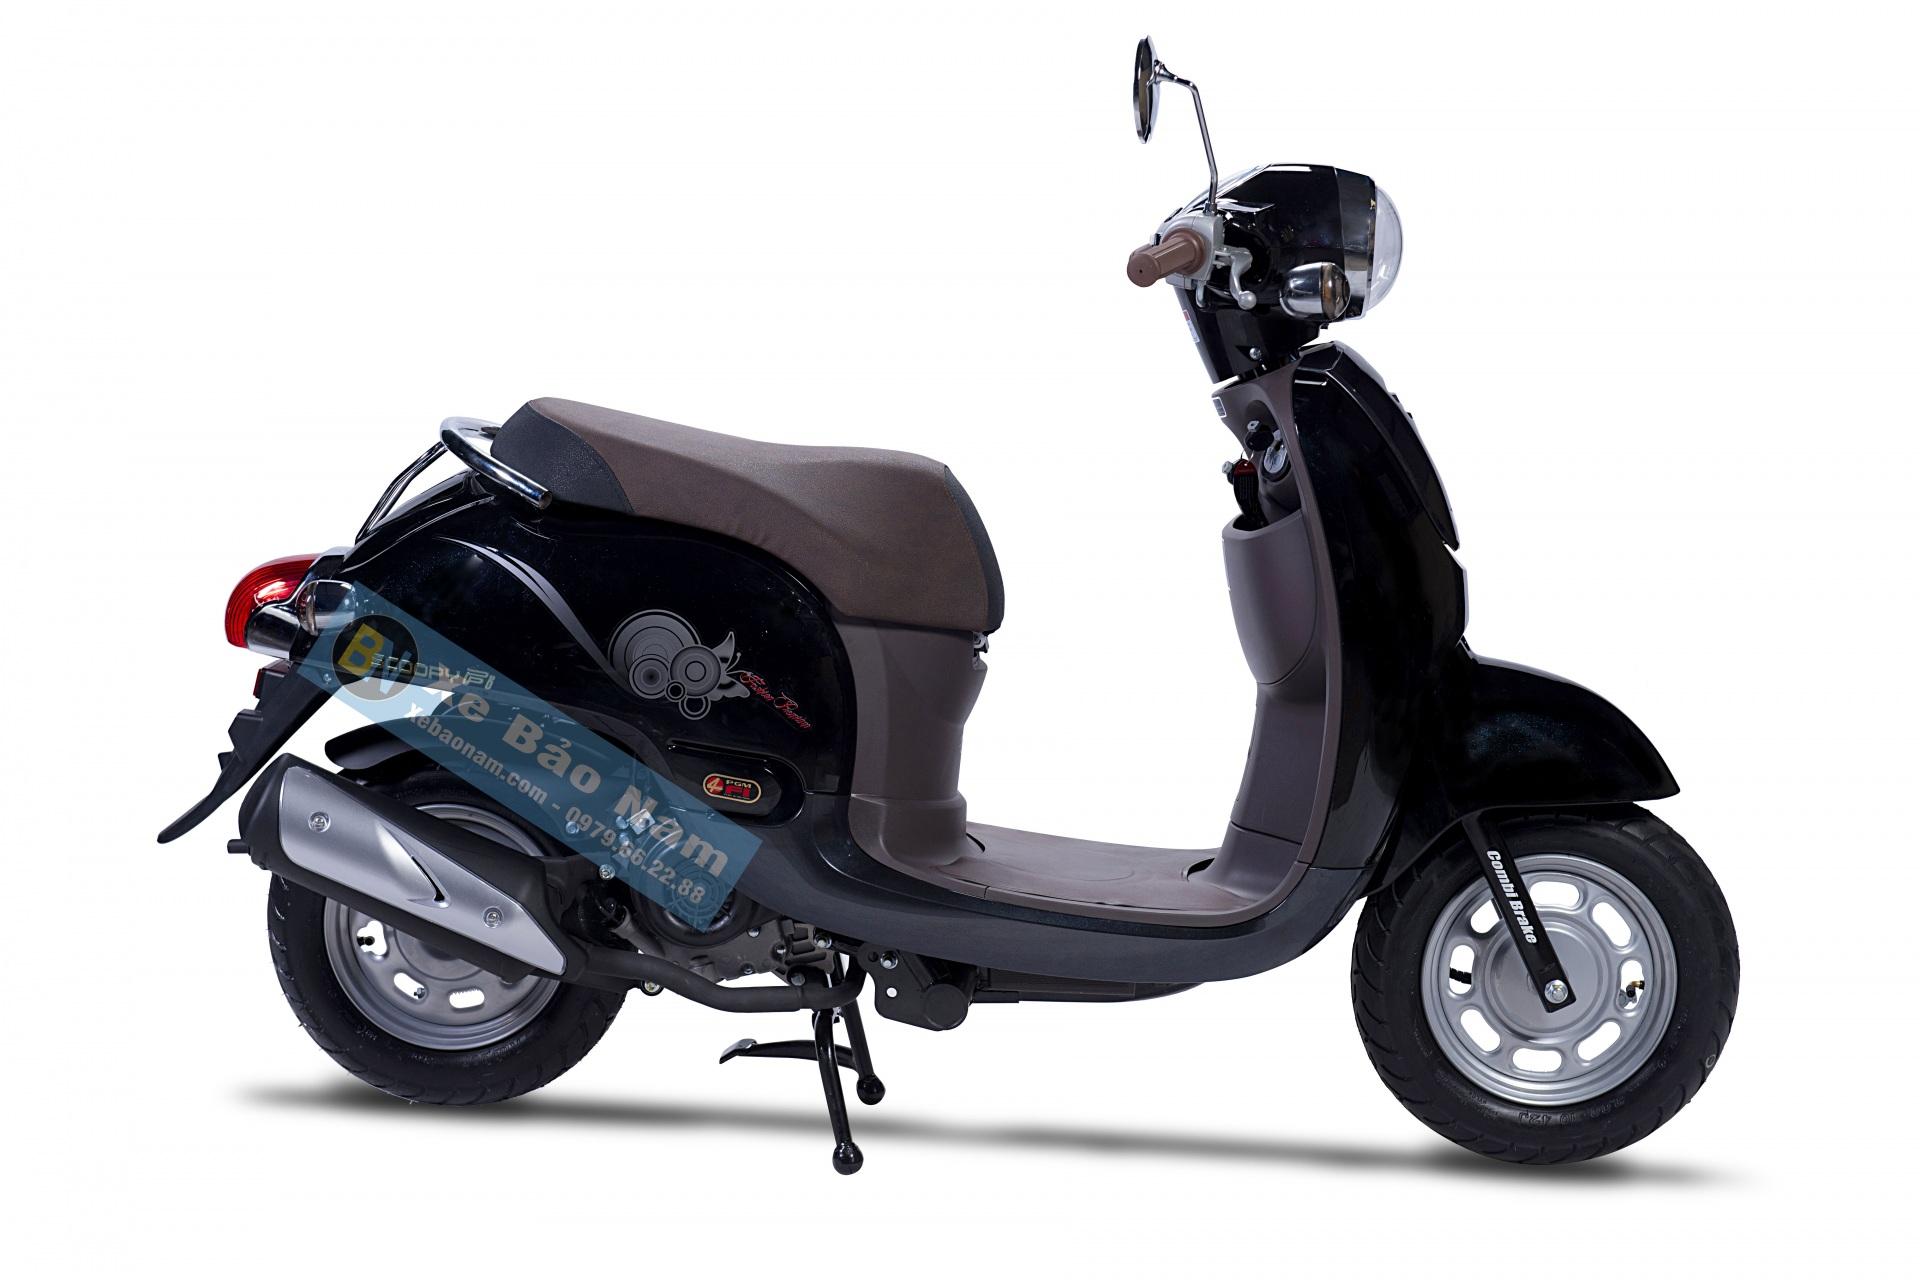 xe-ga-50cc-giorno-den-bong-1